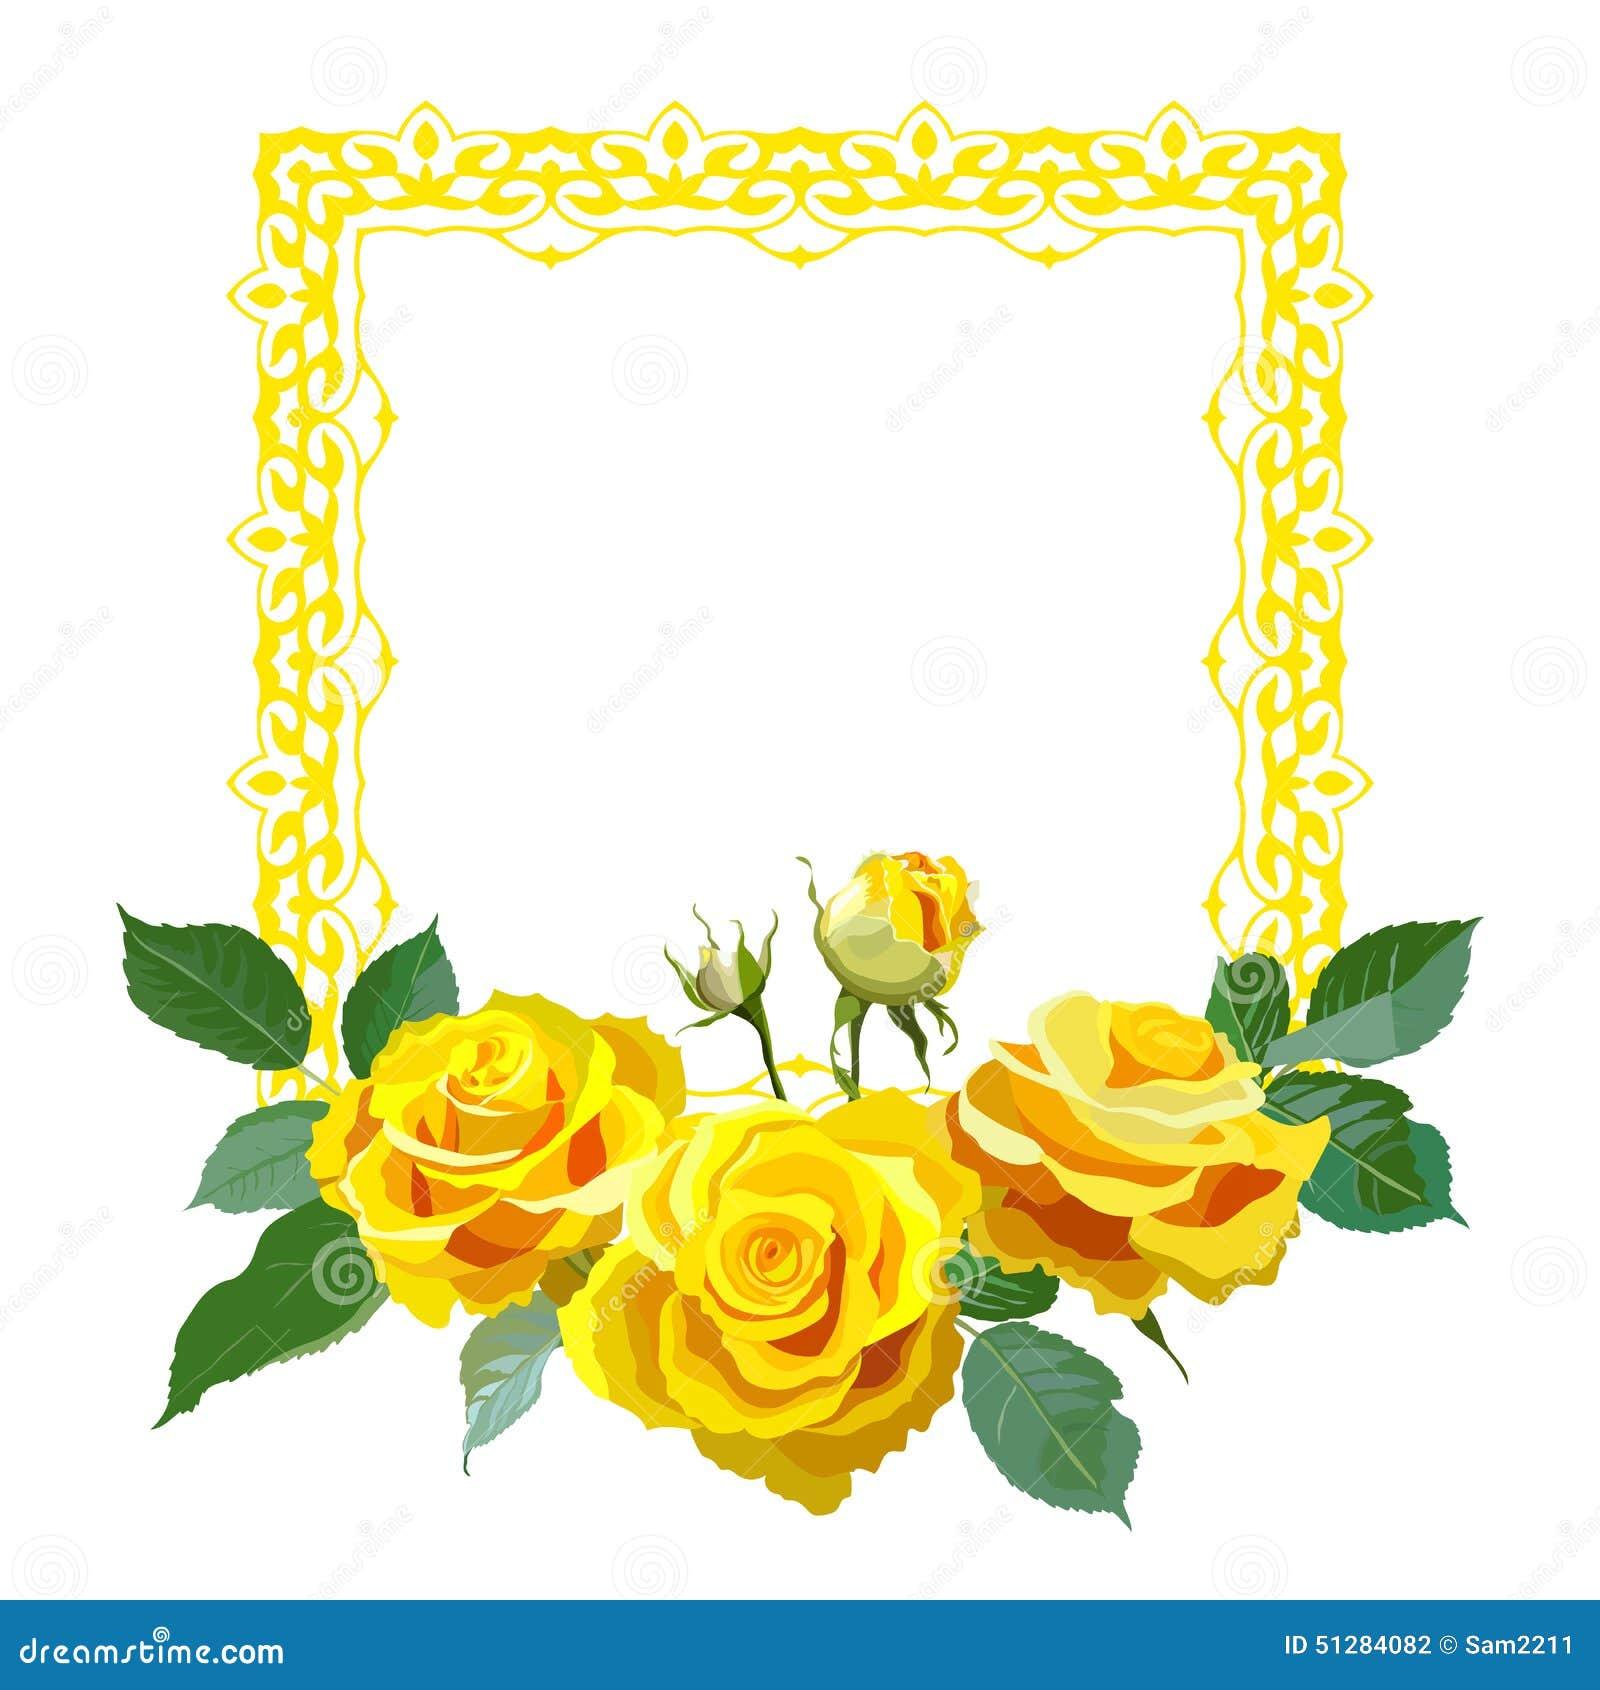 желтые рамки для открыток хрустящая, ореховая